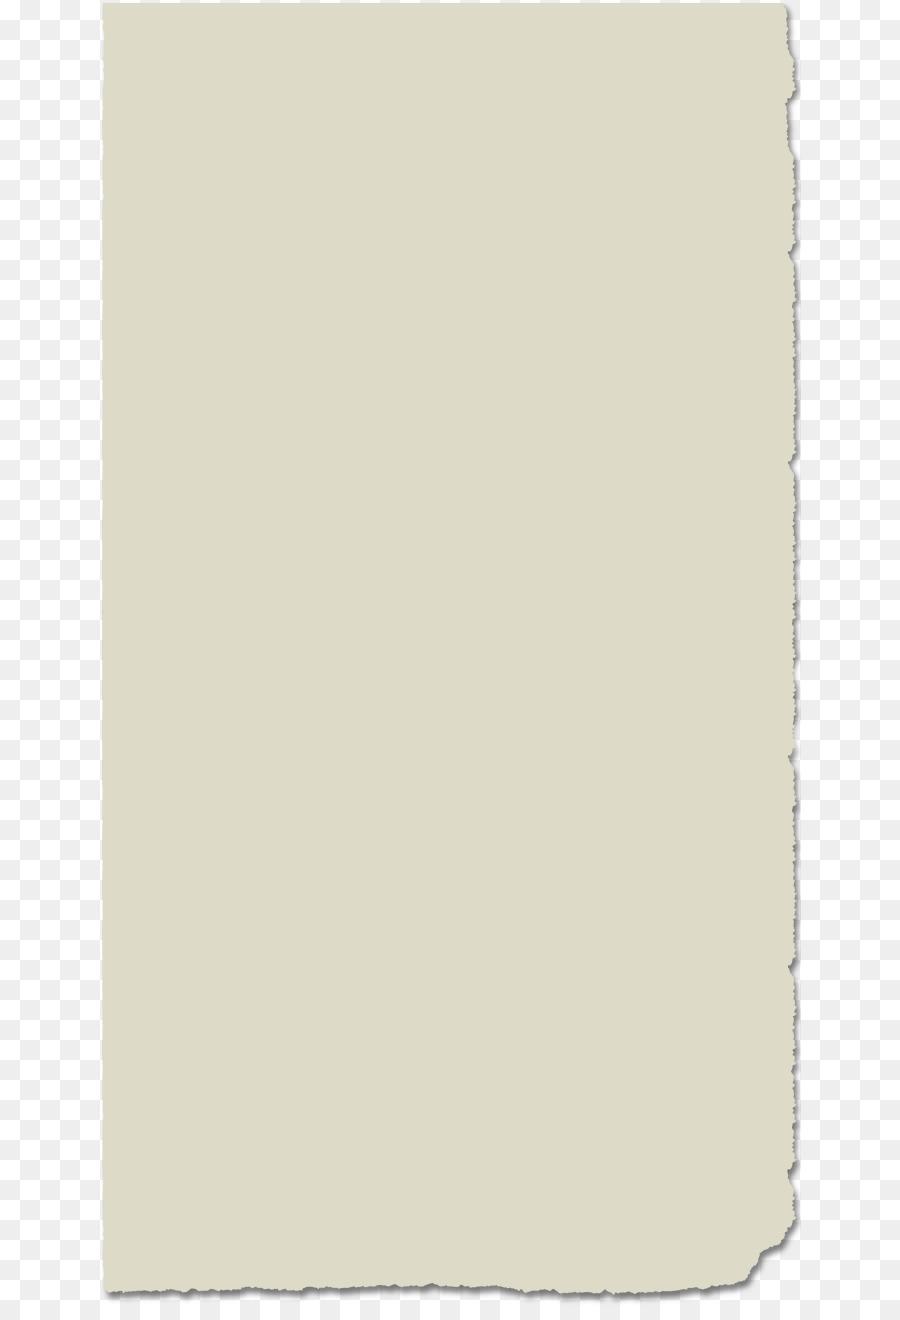 Descarga gratuita de Papel, Amarillo, ángulo De imágenes PNG